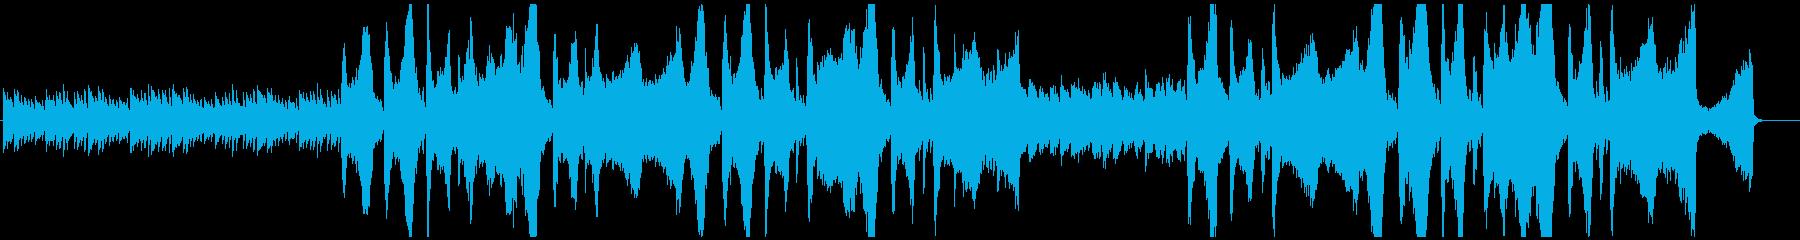 ピアノと弦楽器の悲しみのエチュードの再生済みの波形